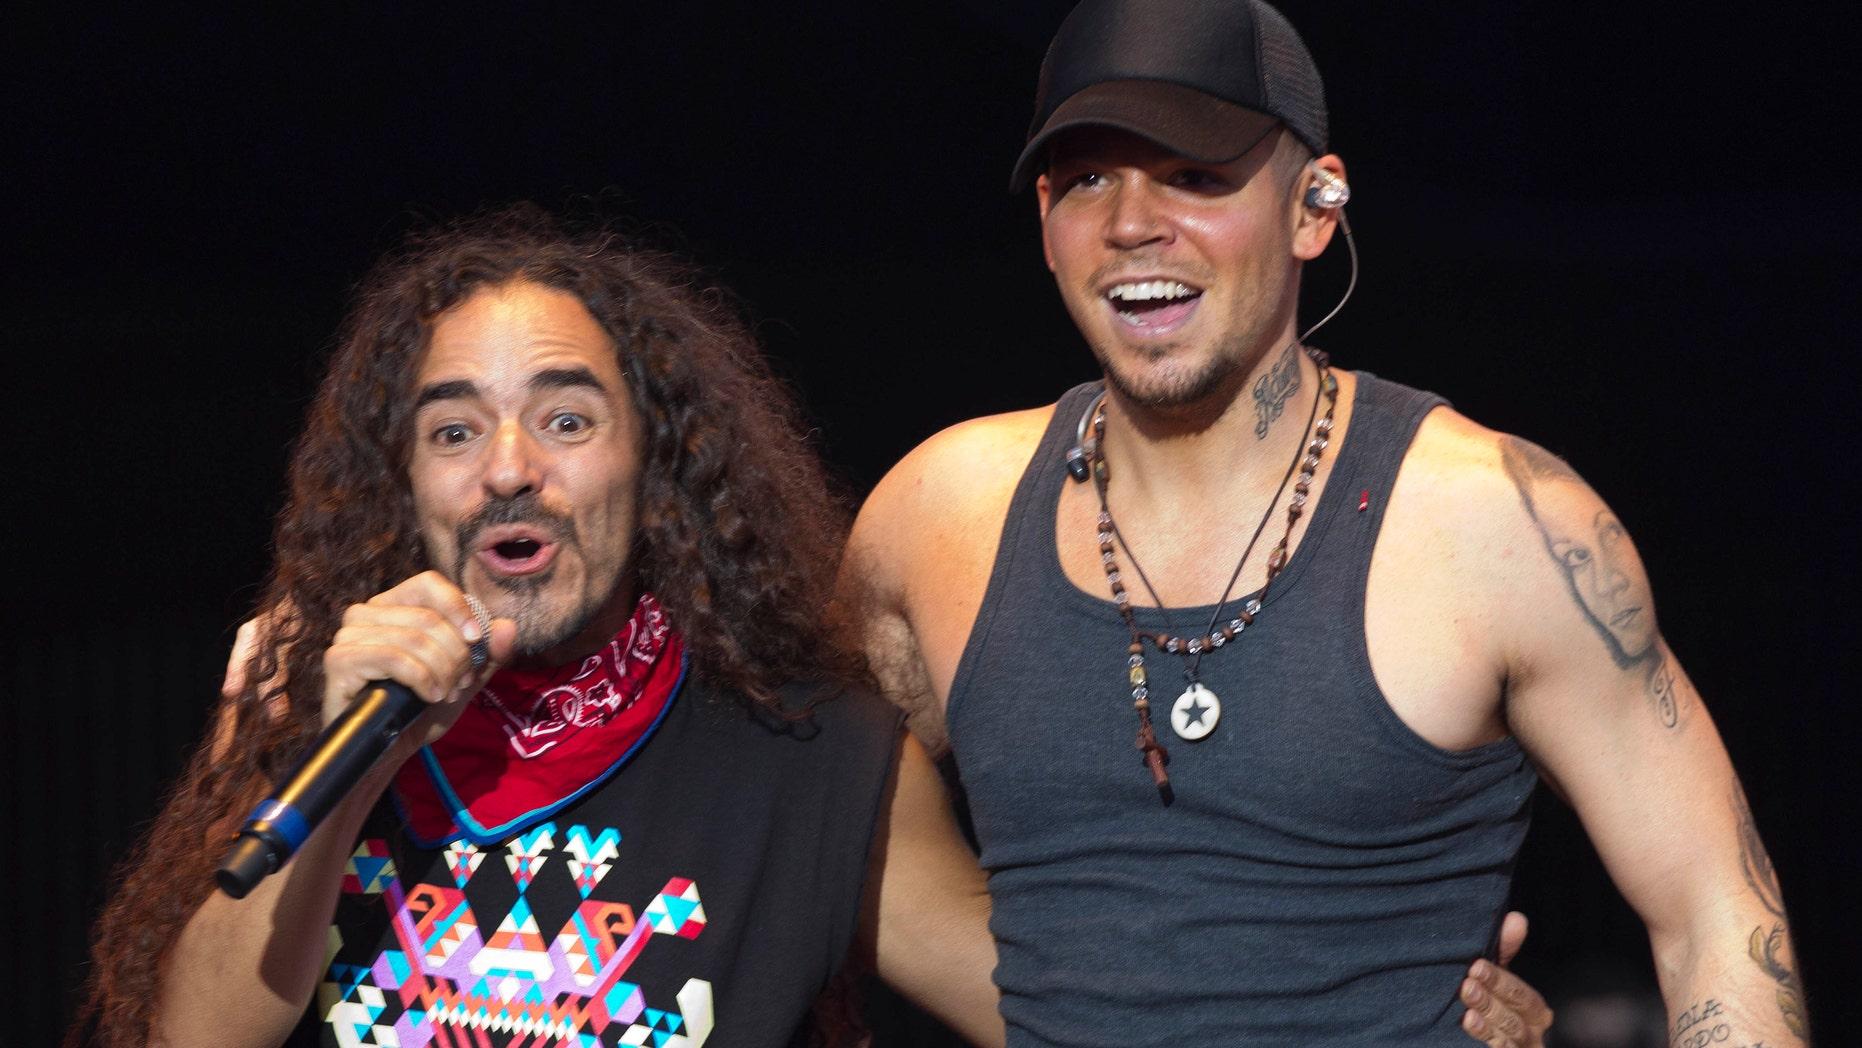 Rubén Albarrán, vocalista de Café Tacvba, izquierda, y René Pérez, de la banda boricua Calle 13, participan en el festival de música Wirikuta Fest en el Foro Sol de la Ciudad de México, el sábado 26 de mayo de  2012. (Foto AP/Eduardo Verdugo)